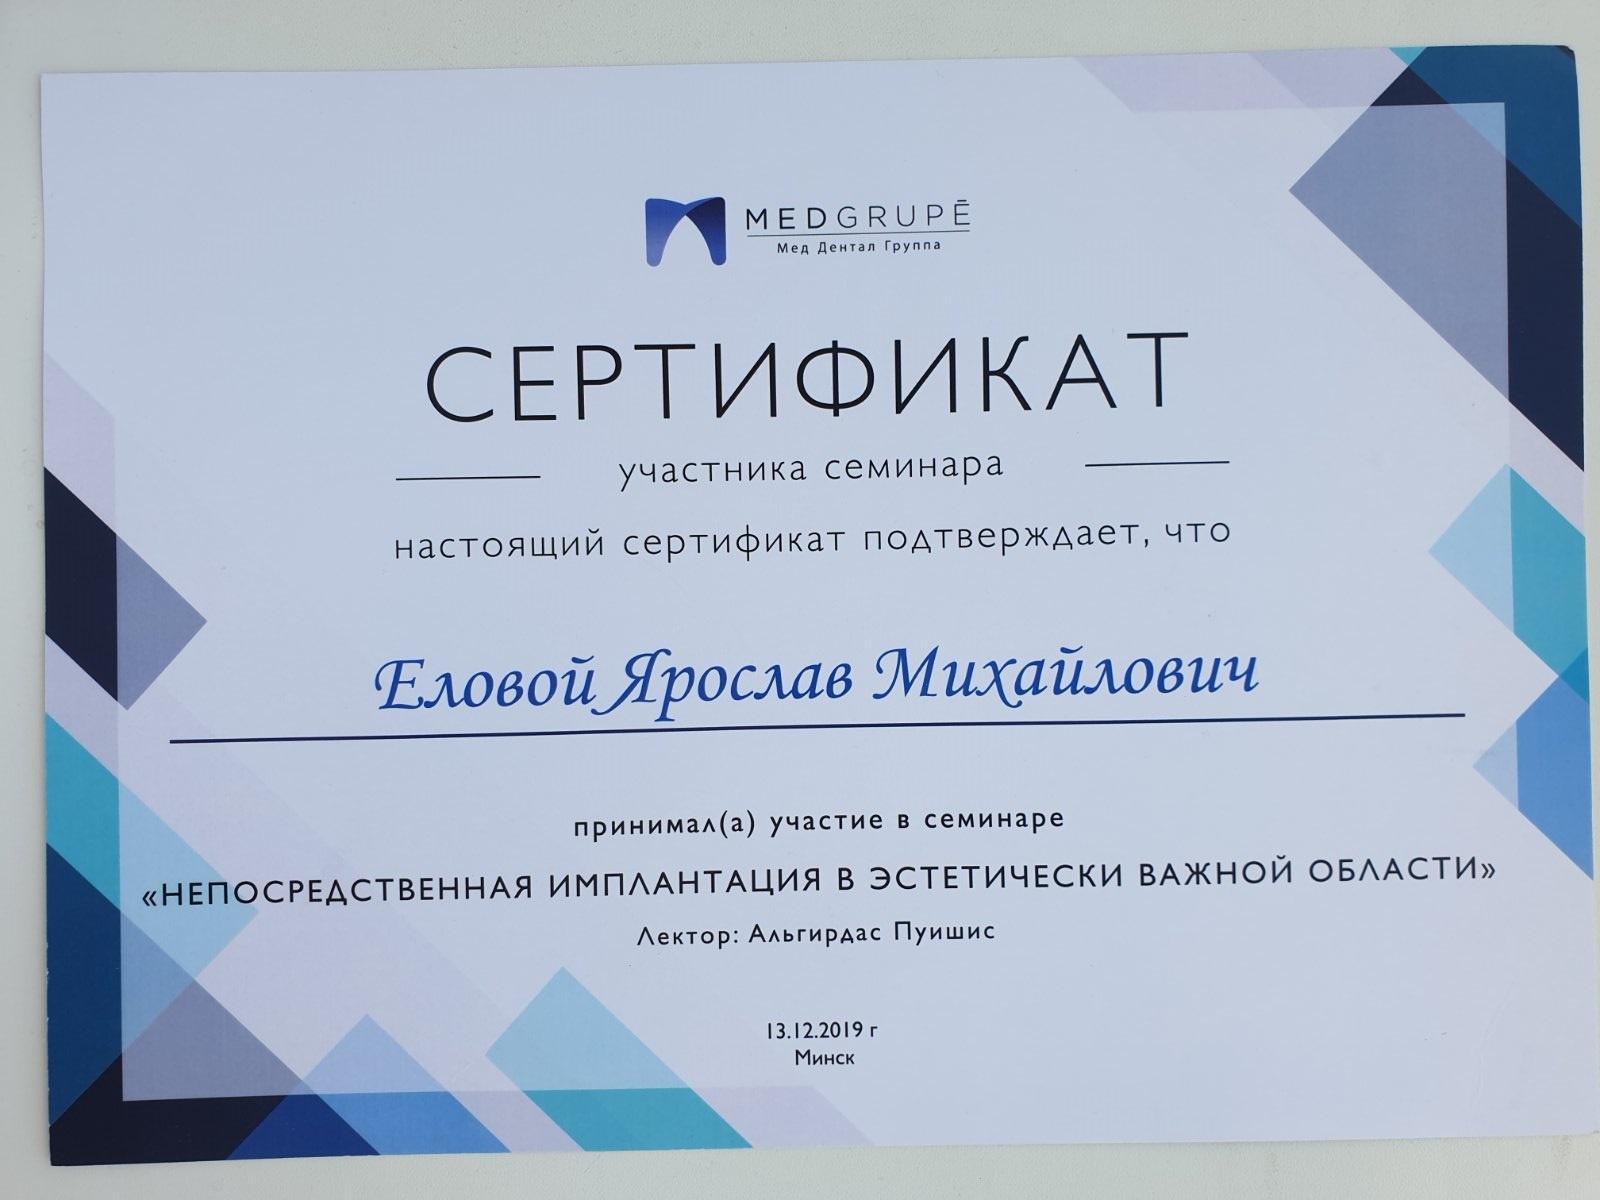 Сертификат выданный Еловому Ярославу Михайловичу о принятии участия в семинаре - Непосредственная имплантация в эстетически важной области